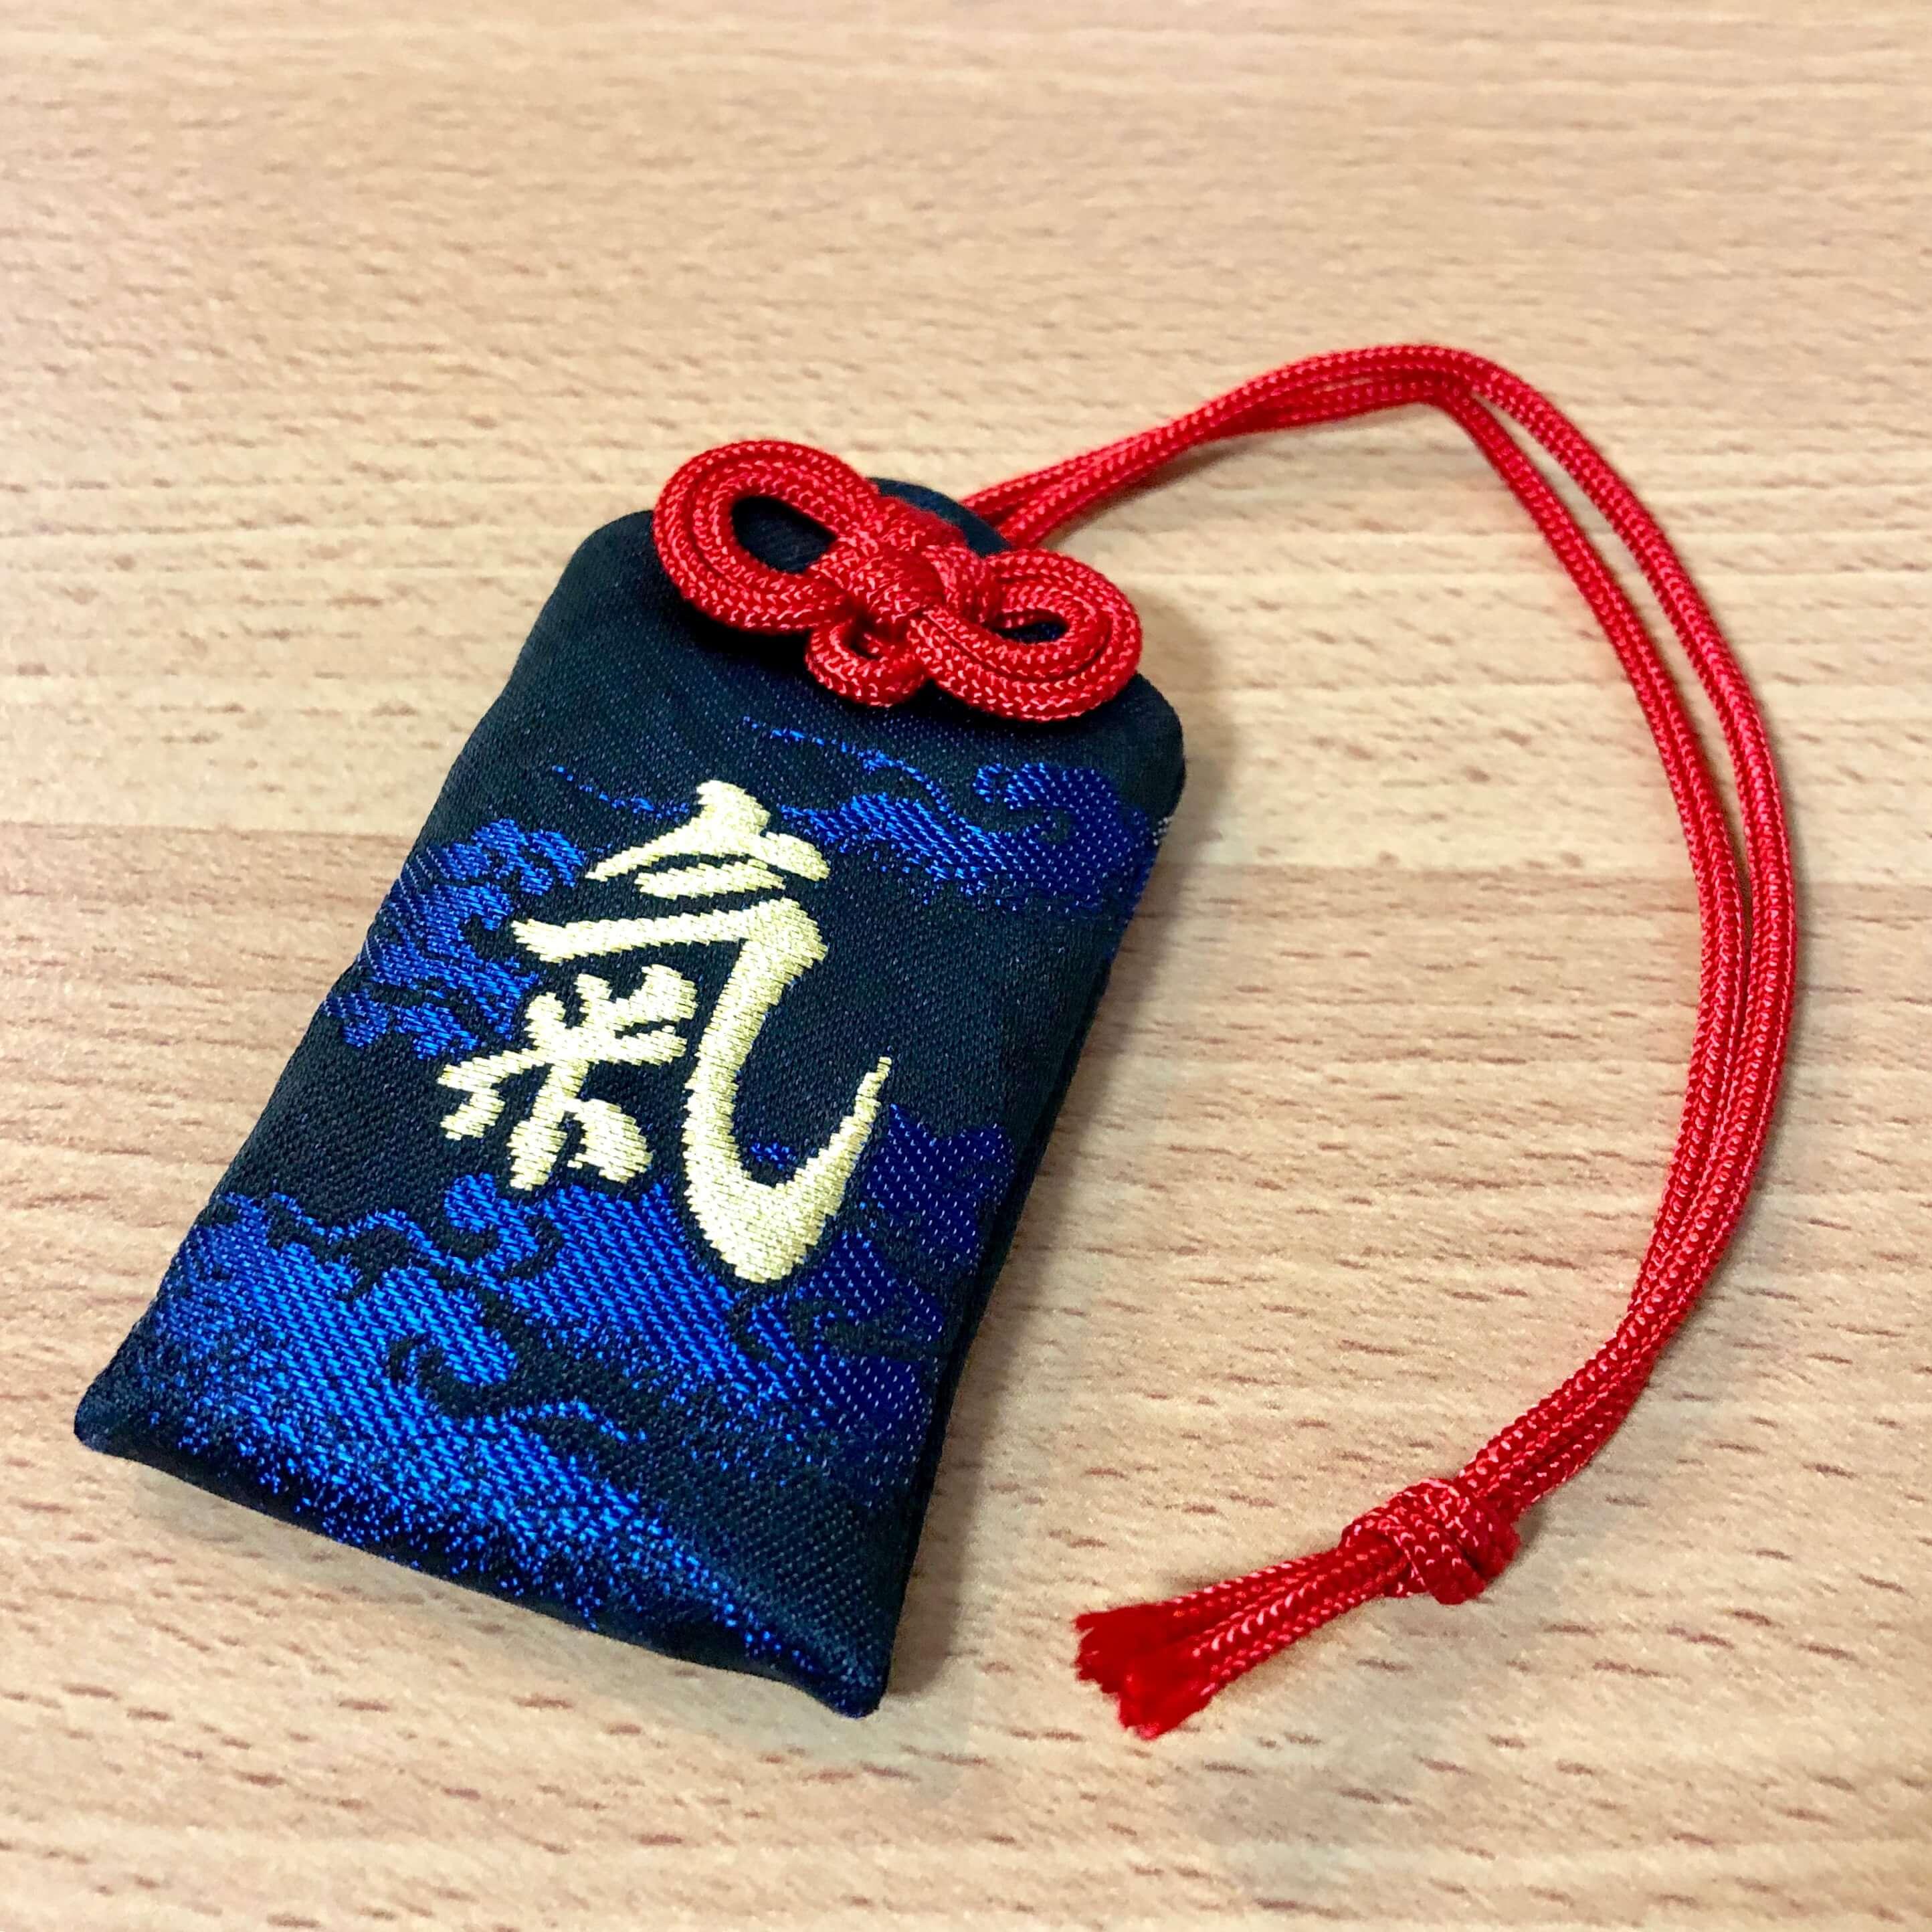 三峯神社で気守をゲットしてきた!白は頒布中止だけど他の色もご利益が期待できそう!